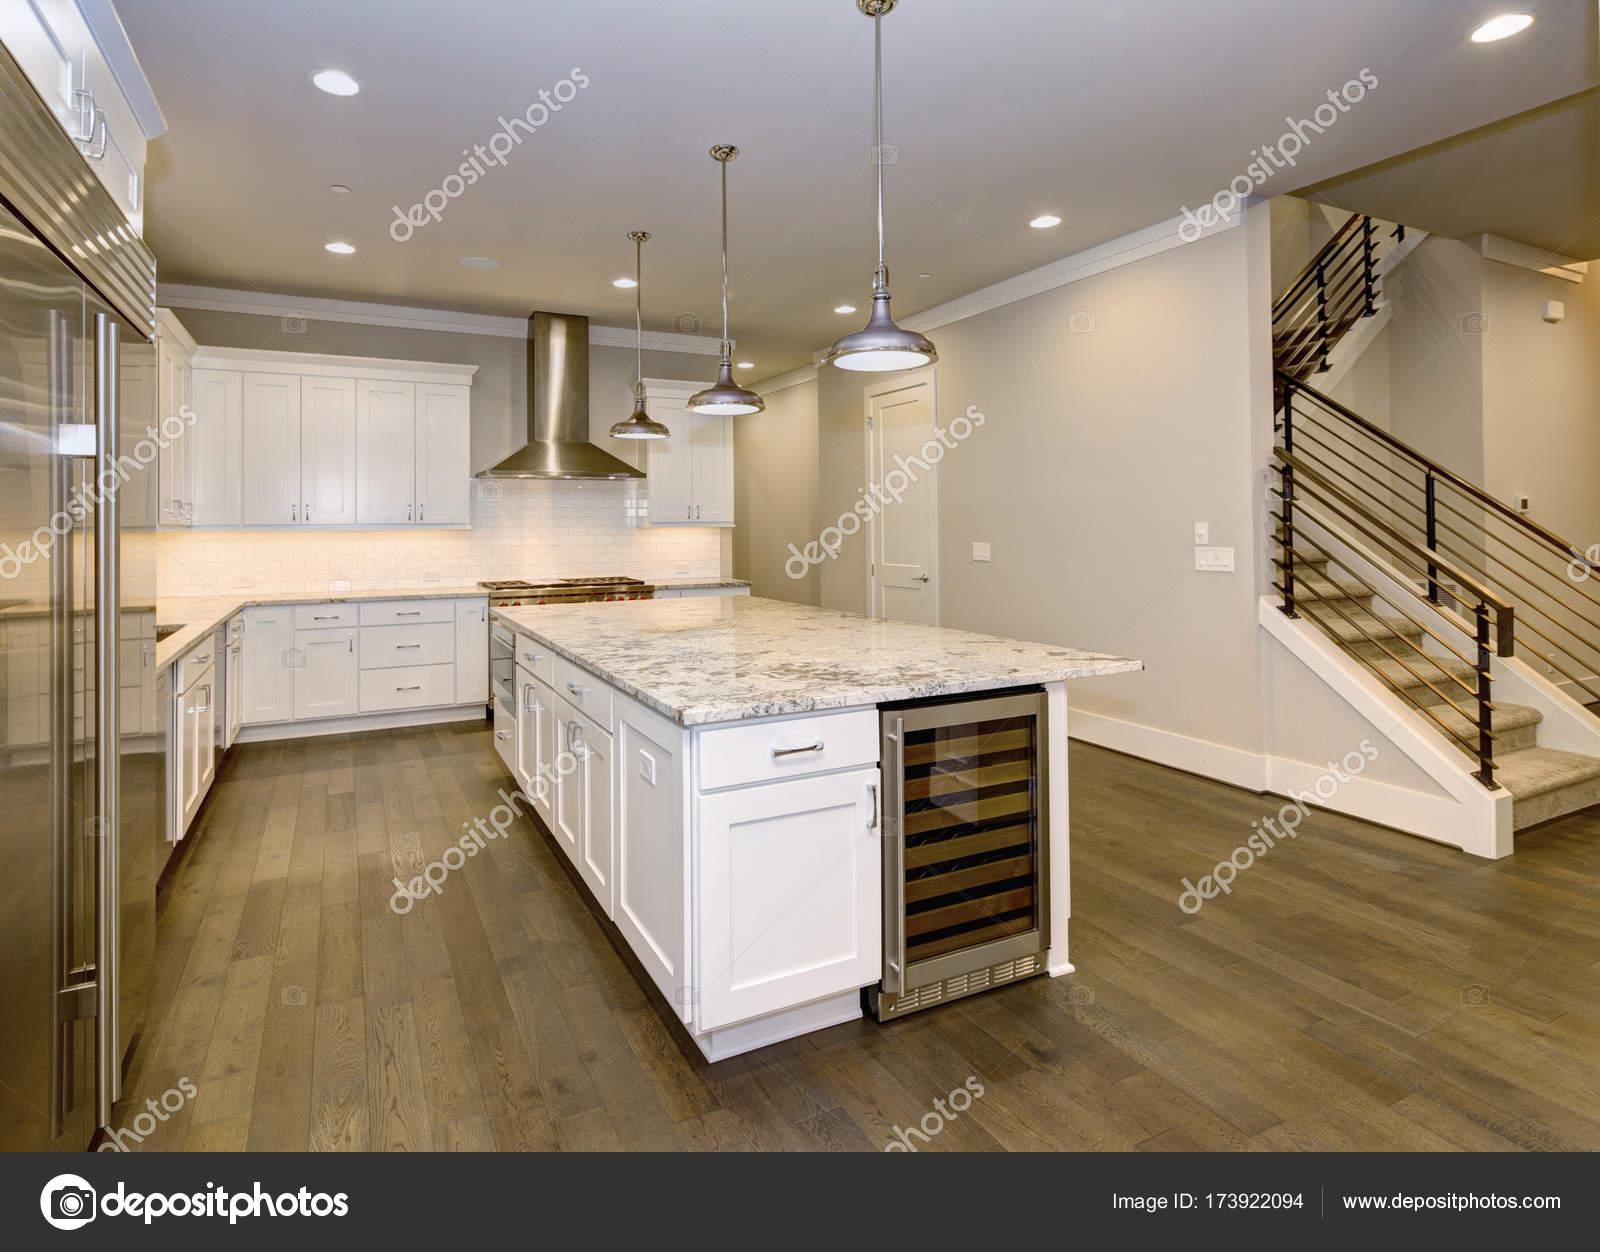 74bc86299fdb40 Conception de grande, spacieuse cuisine avec des armoires de cuisine  blanche– images de stock libres de droits